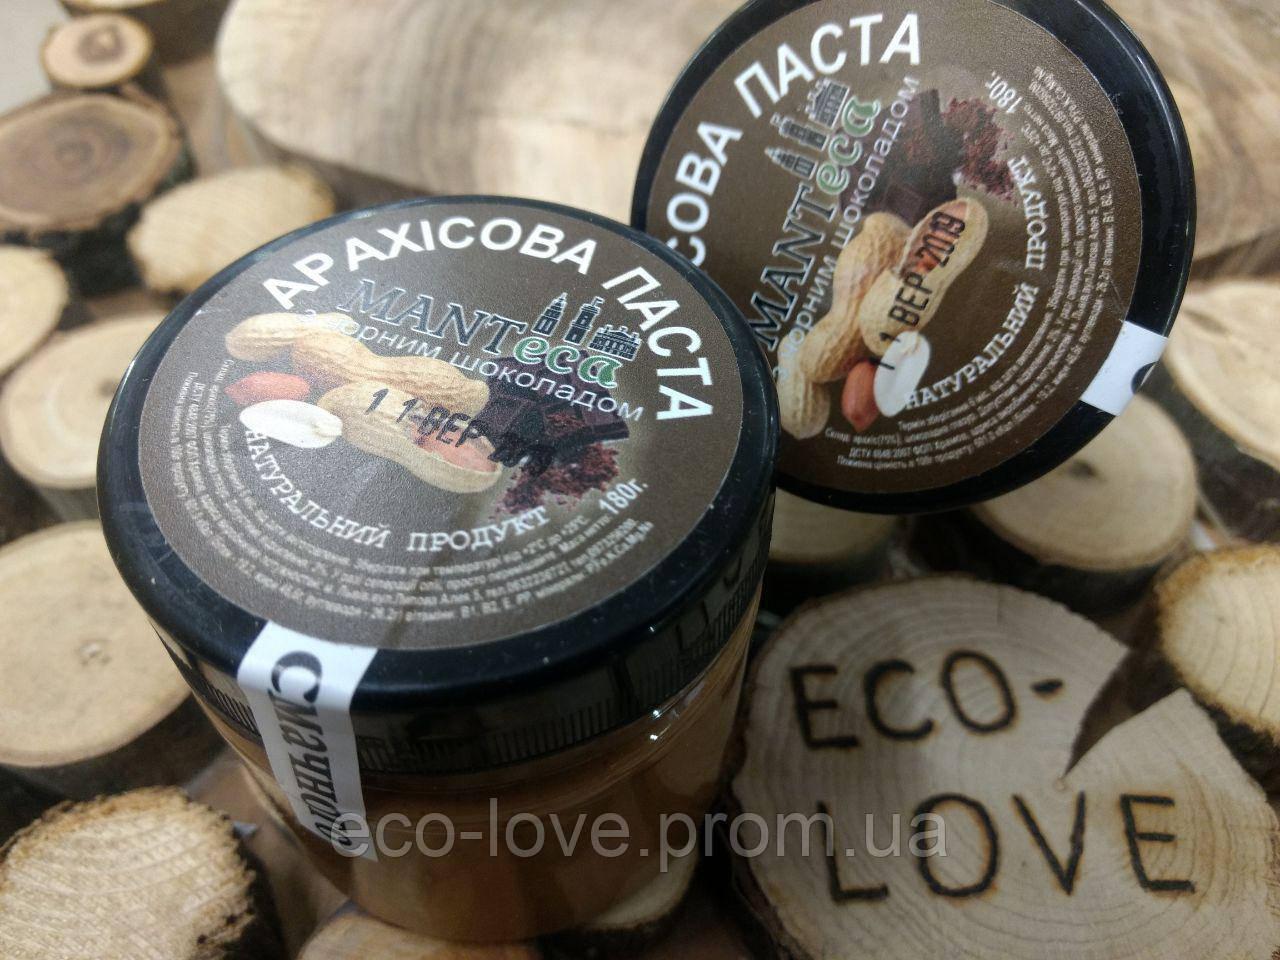 Арахисовая паста c черным шоколадом, 180гр,ТМ MANTECA